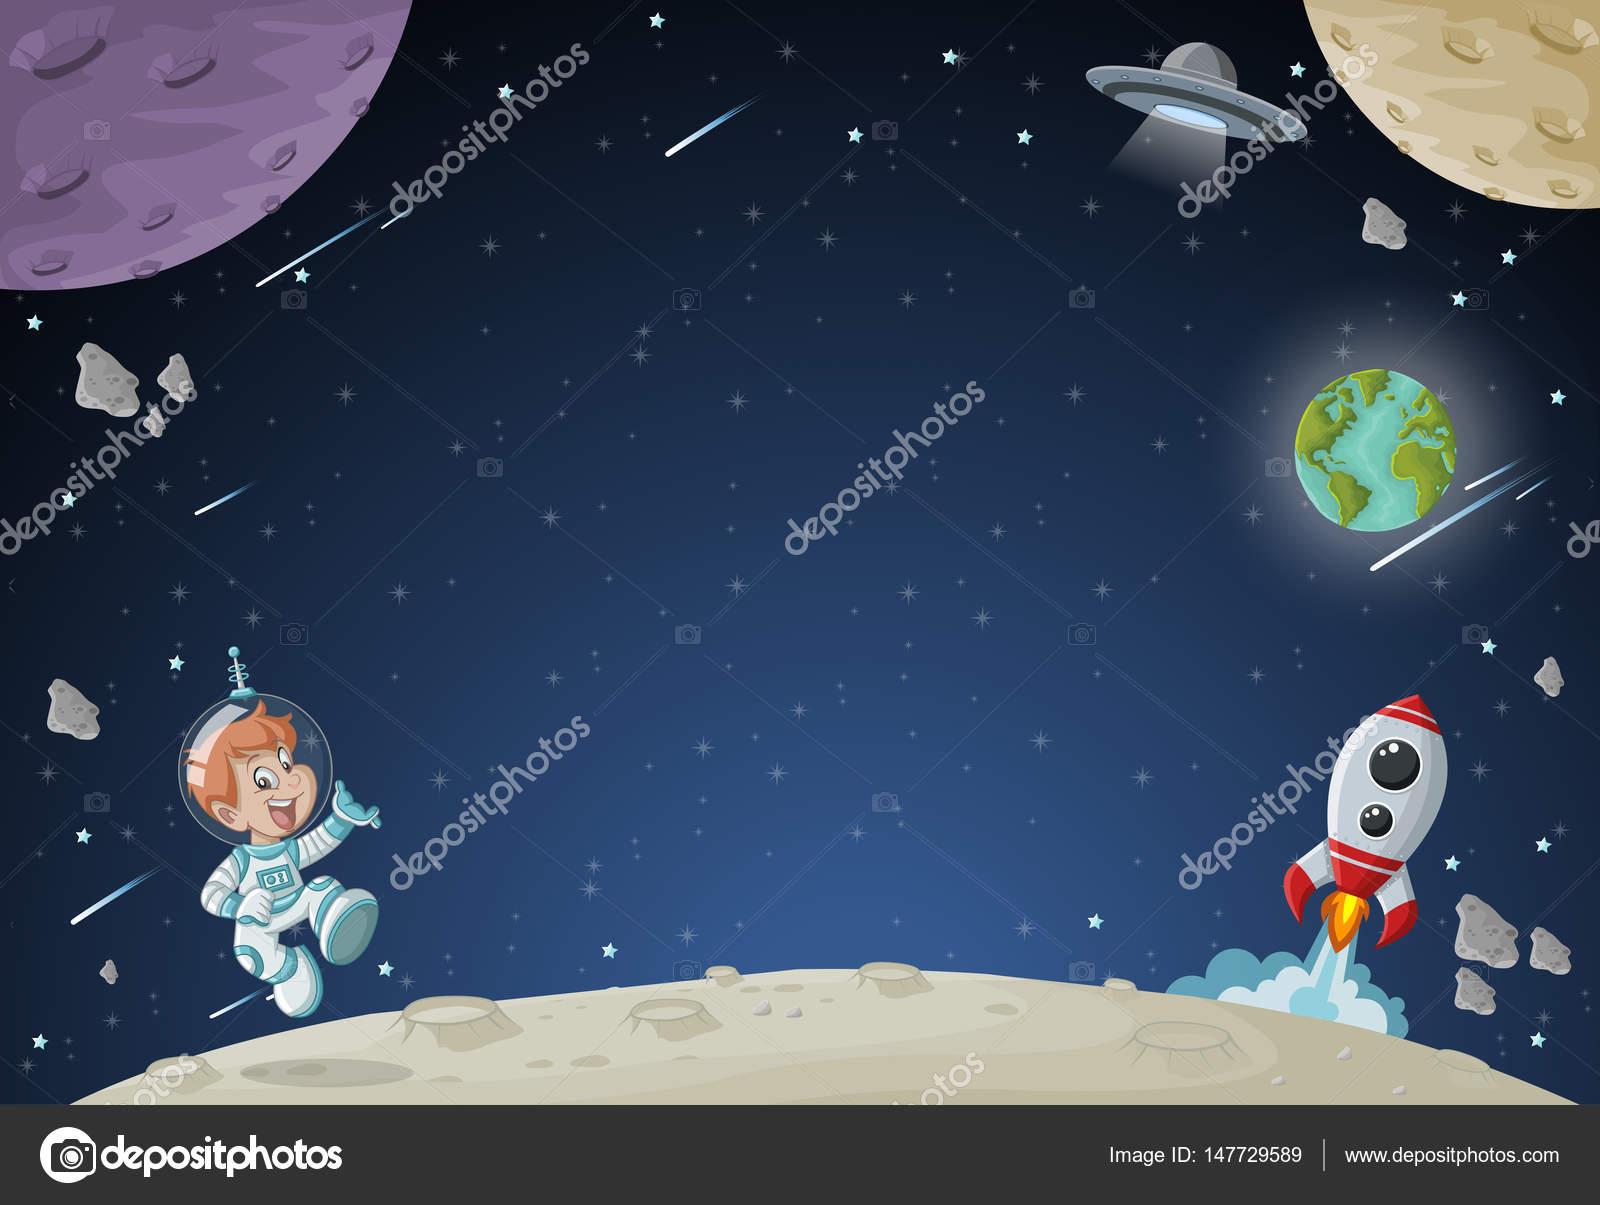 Cohete De Astronauta Y Vintage De Dibujos Animados: Niño De Dibujos Animados De Astronauta Volando En El